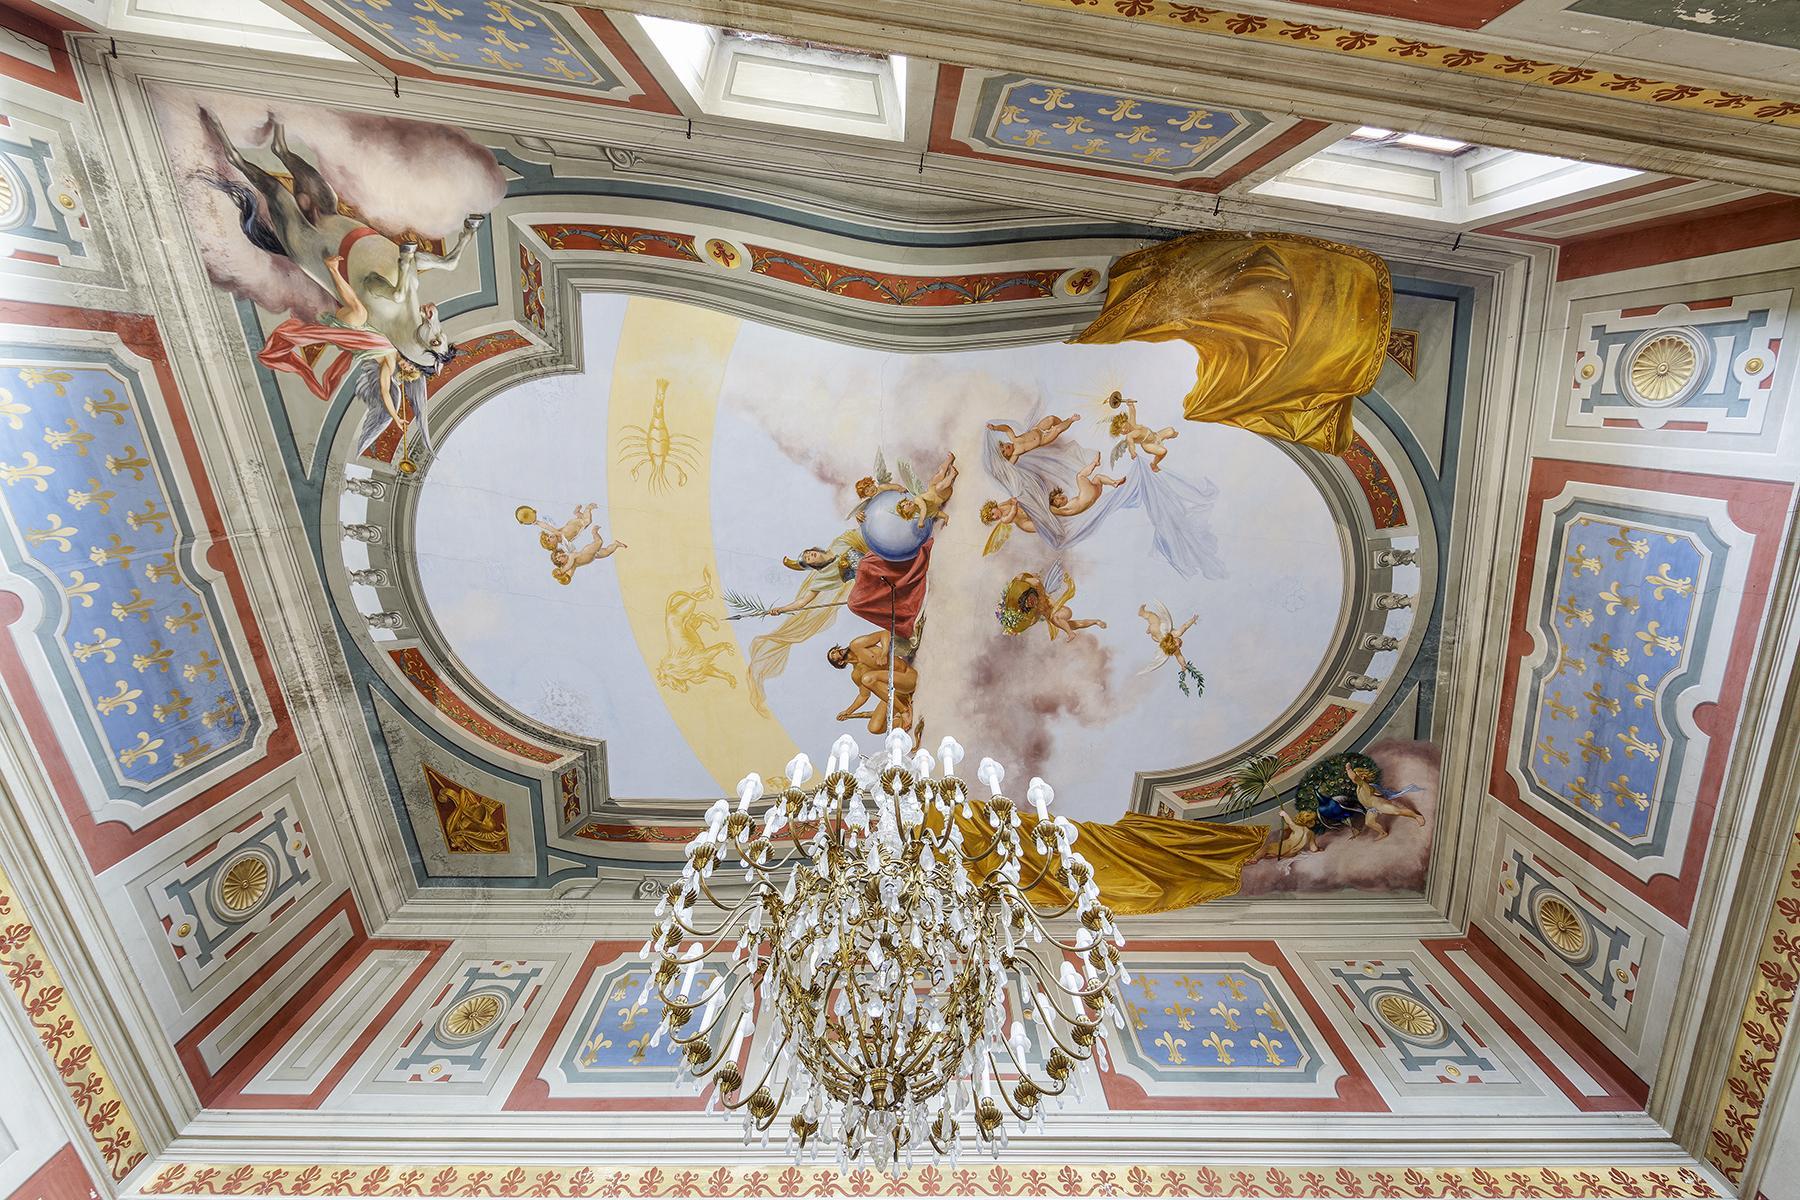 Прекрасный дворец в стиле Ренессанса - 13